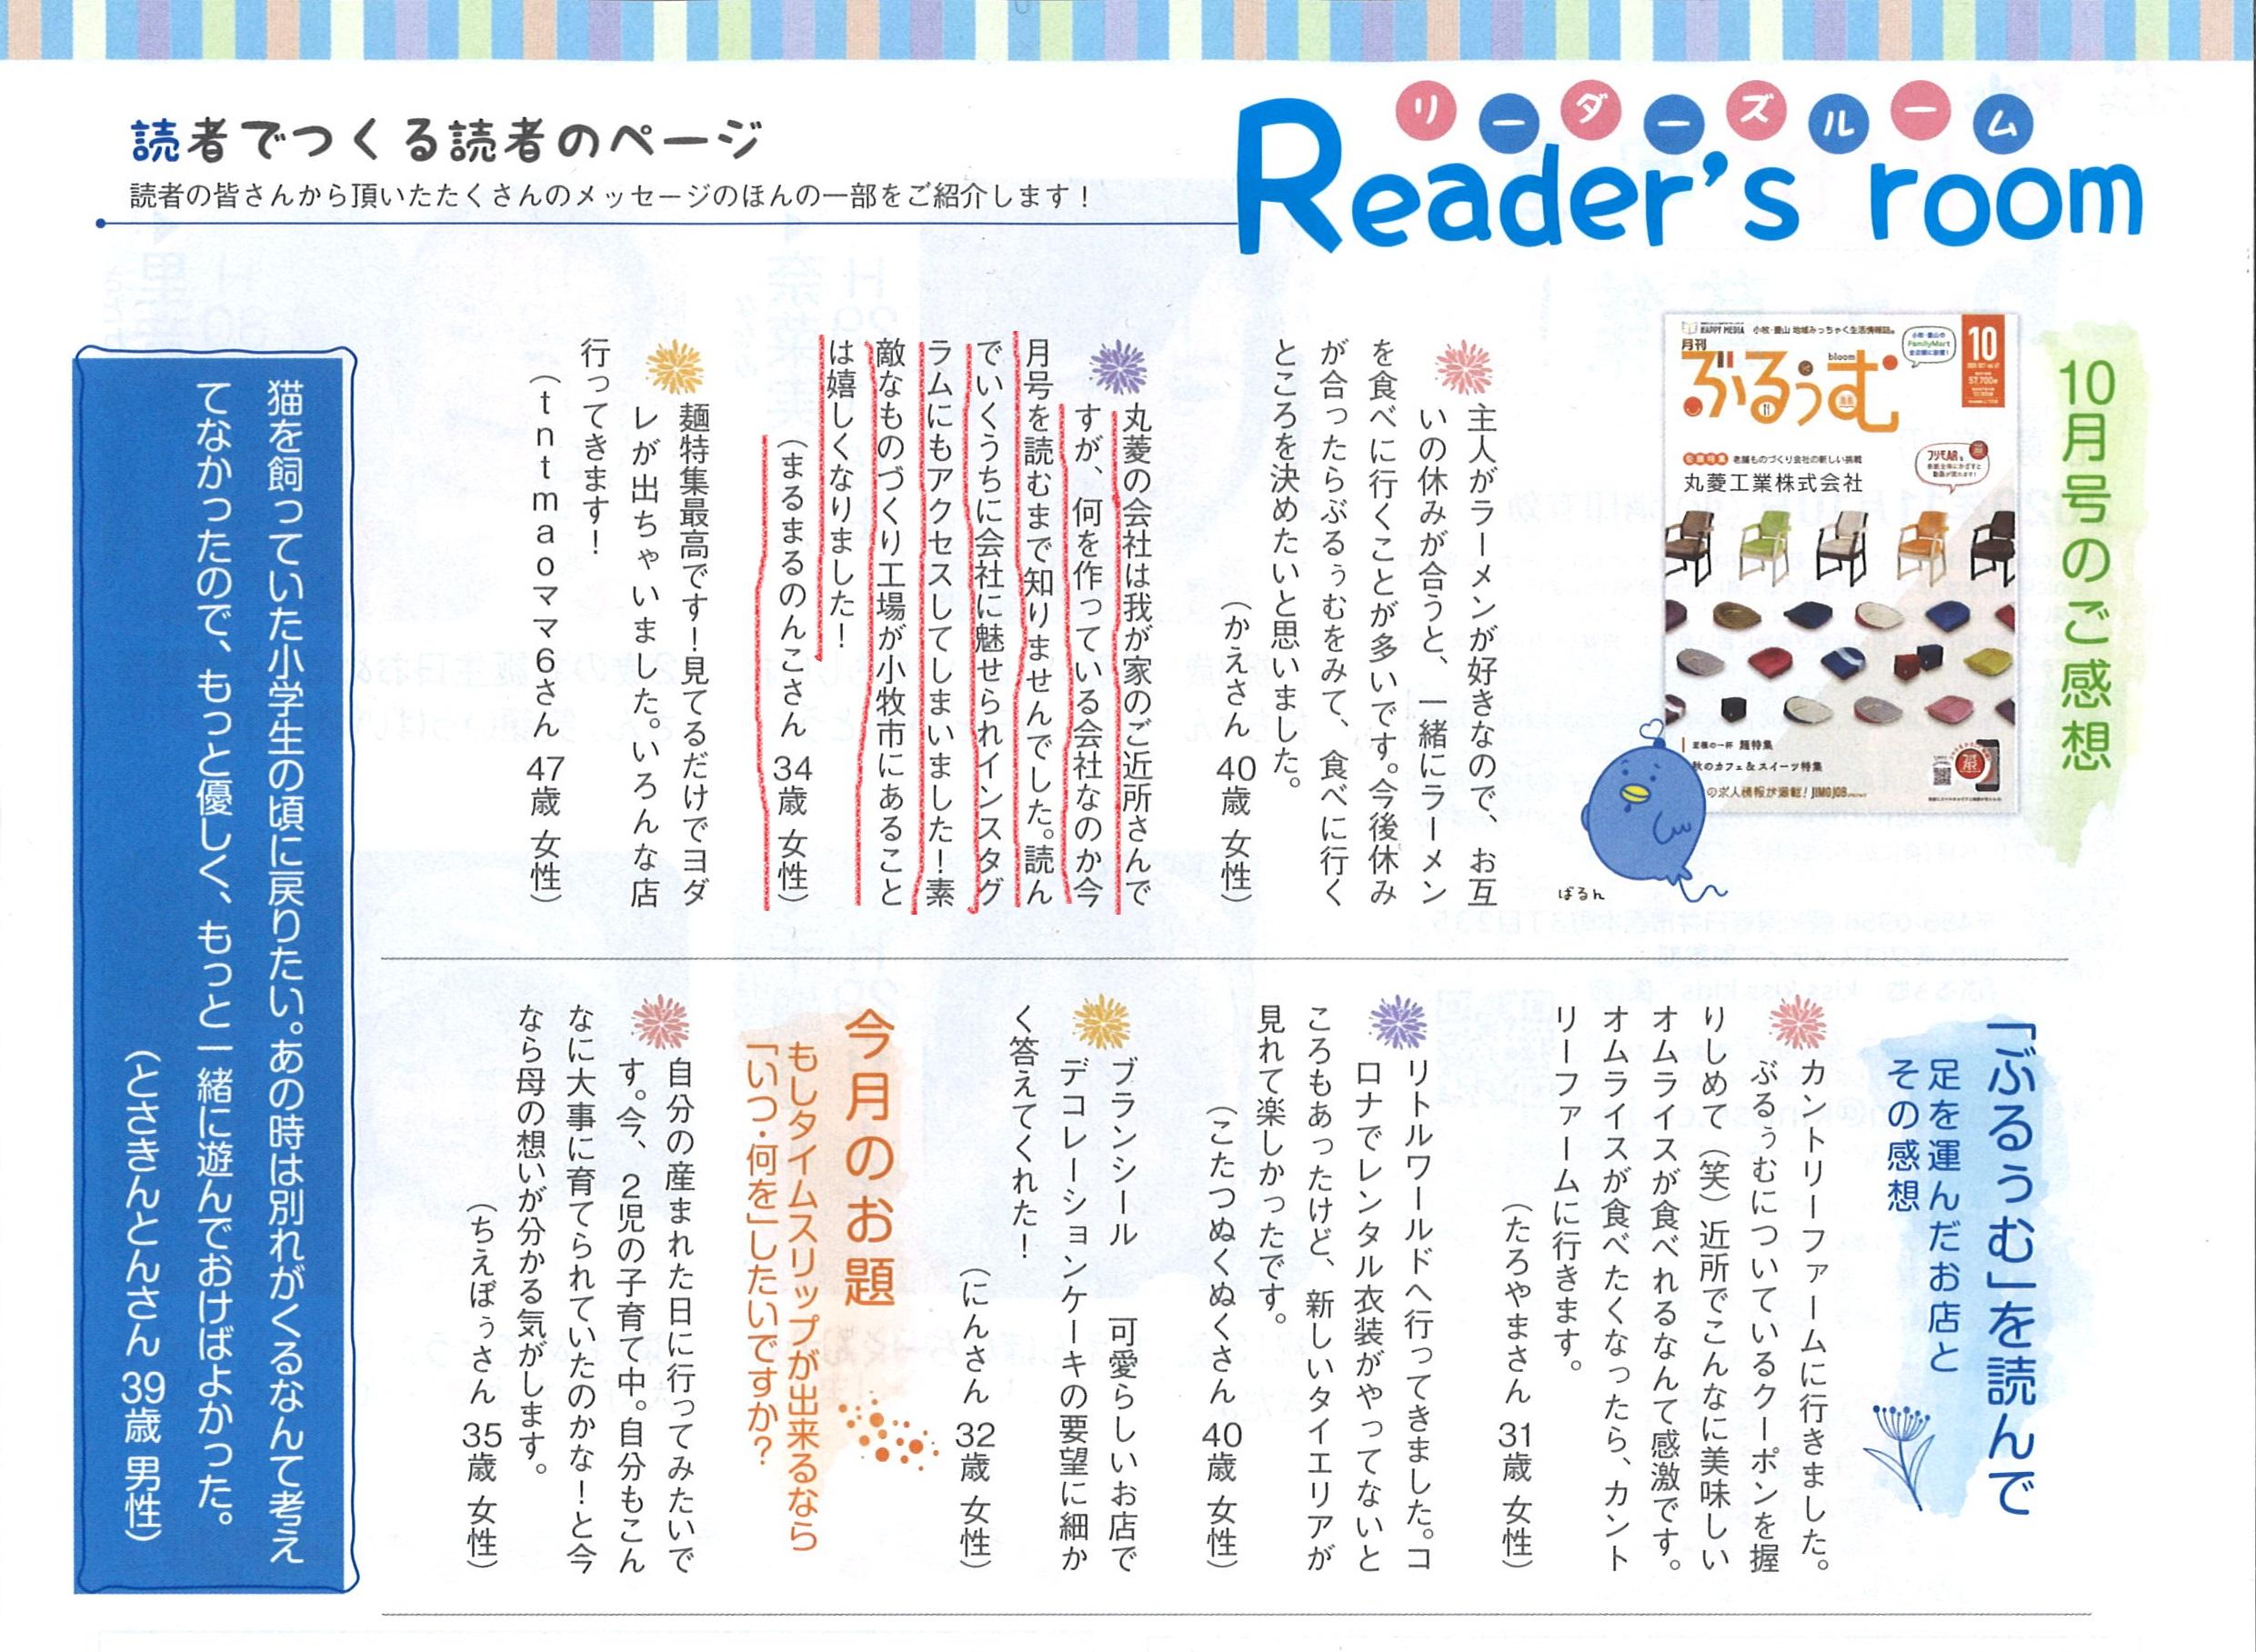 月間「ぶるぅむ」11月号 読者からのメッセージ